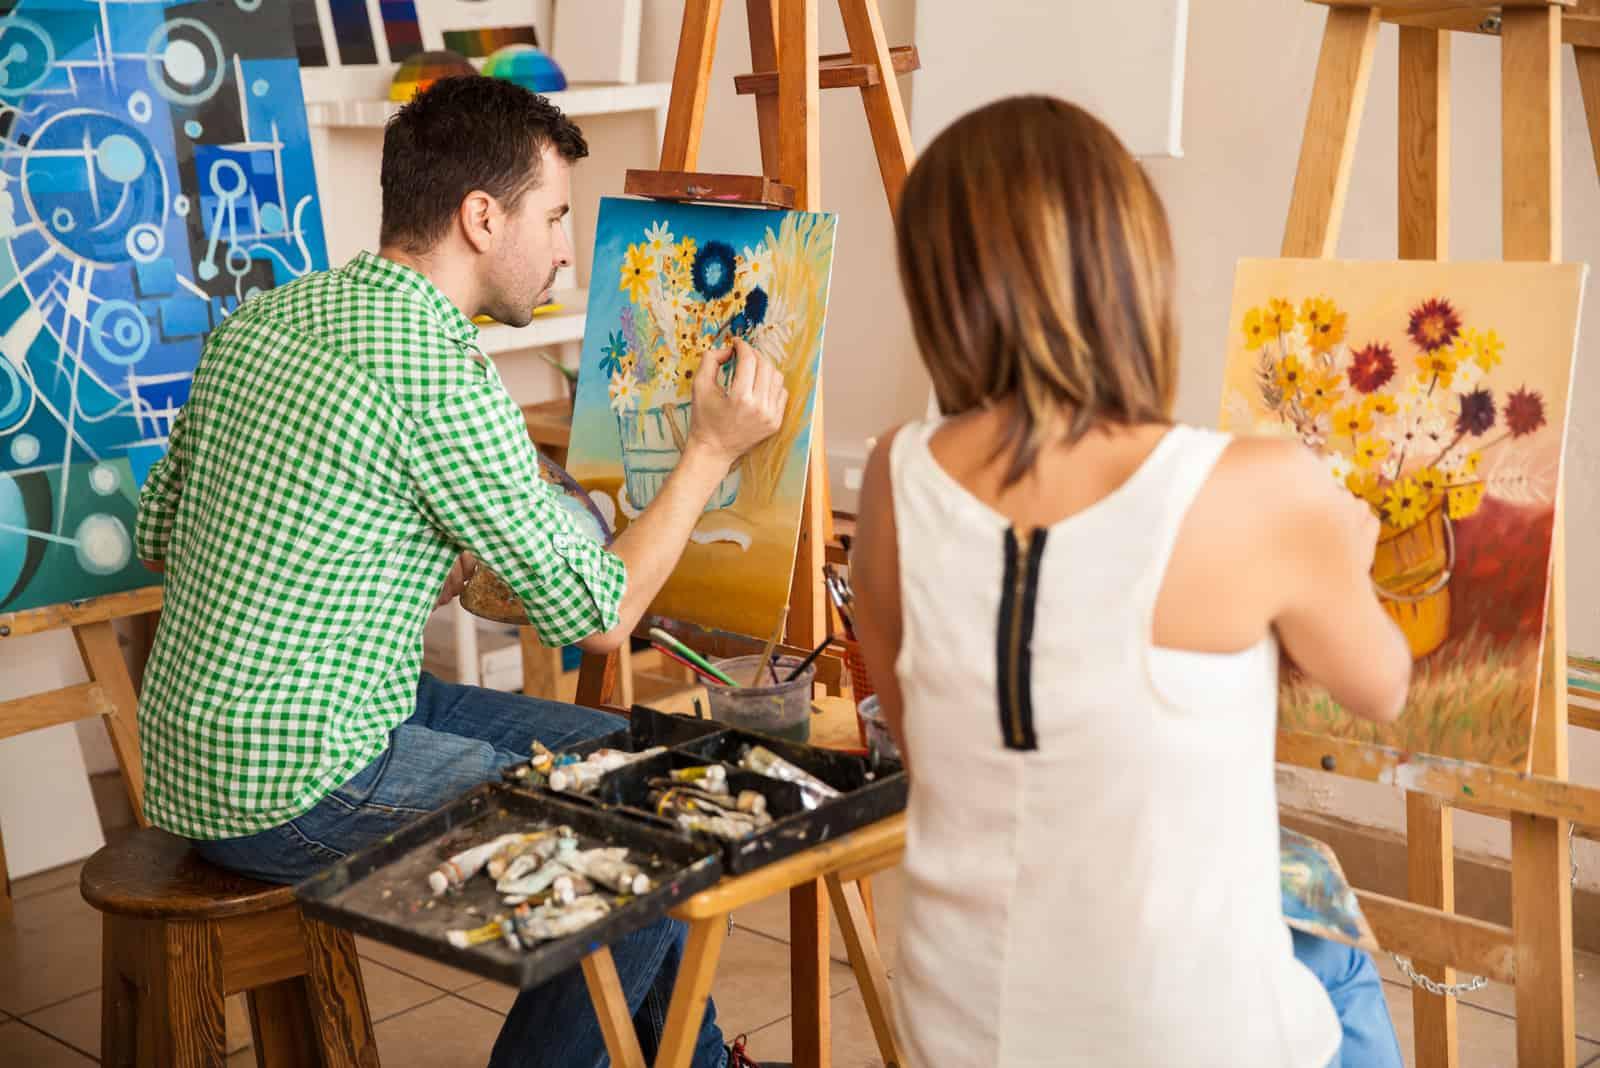 Paar arbeitet an ihren eigenen Gemälden